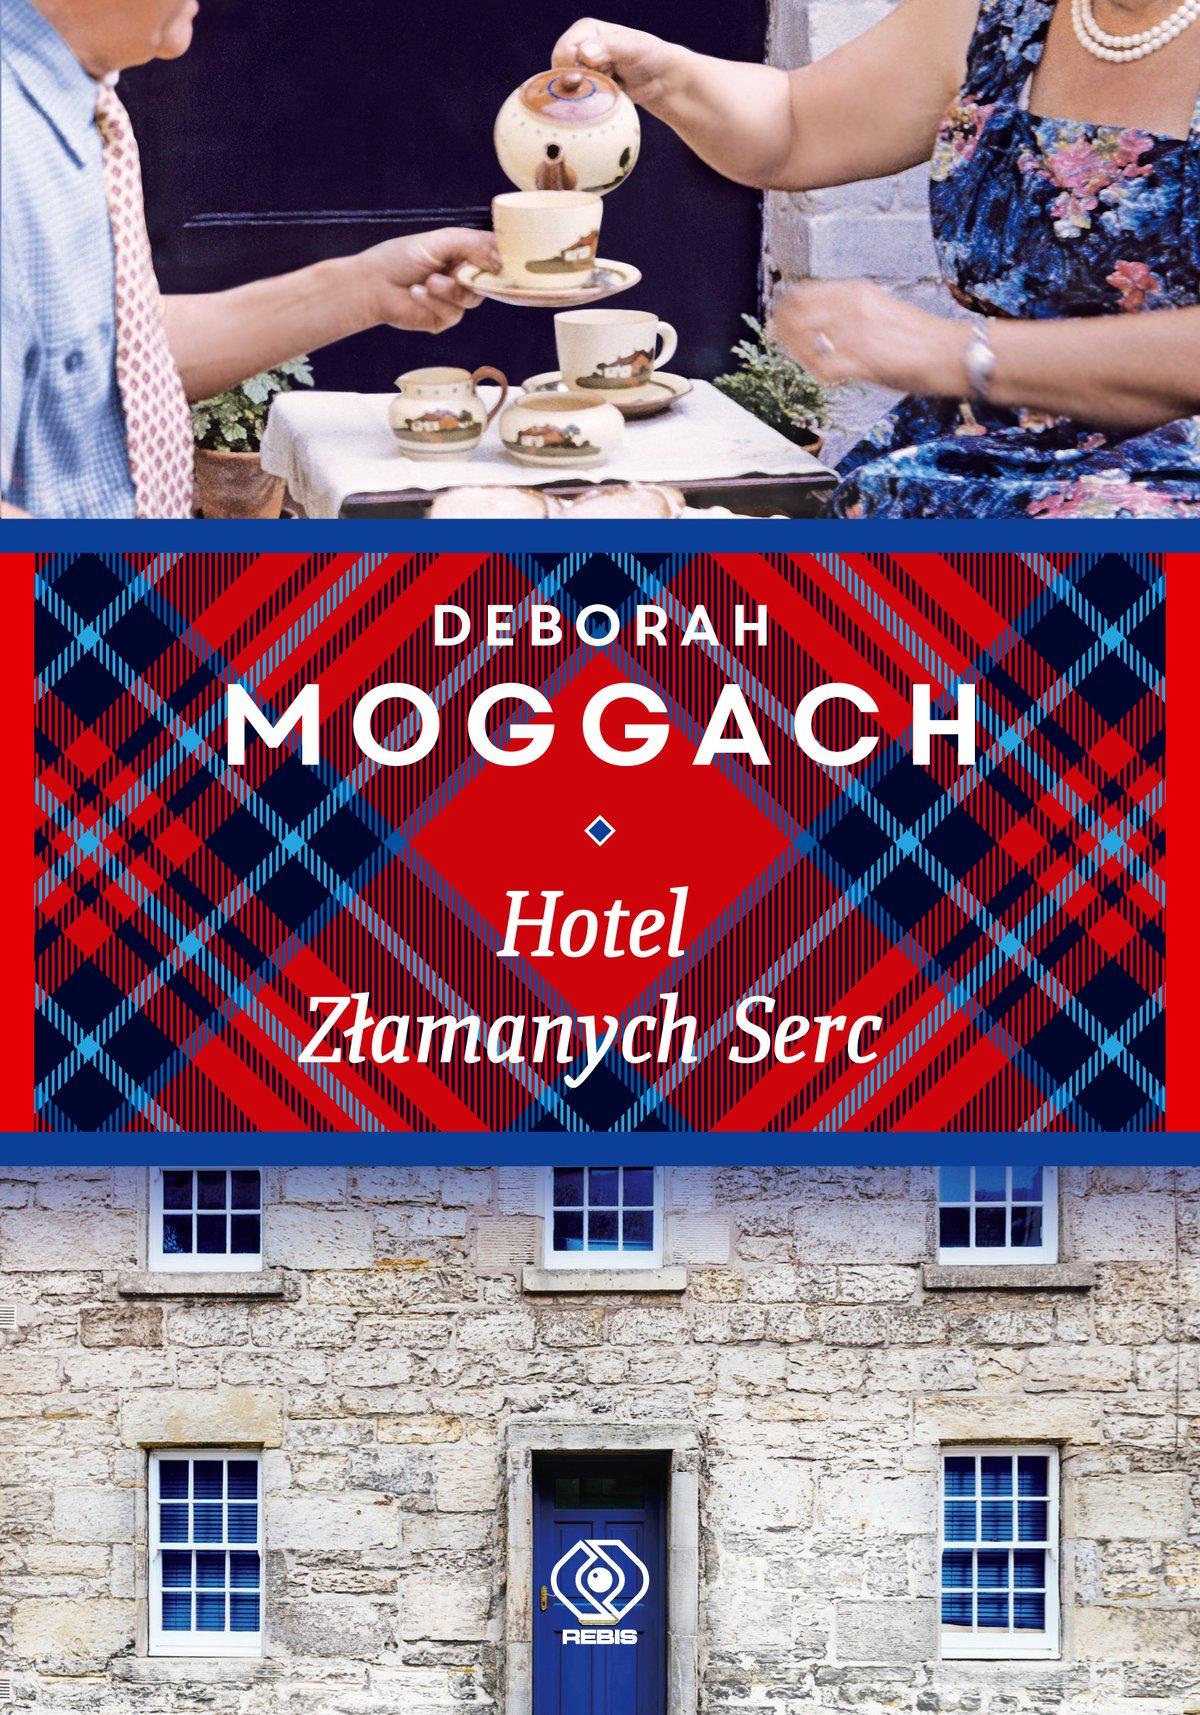 Hotel Złamanych Serc - Ebook (Książka EPUB) do pobrania w formacie EPUB